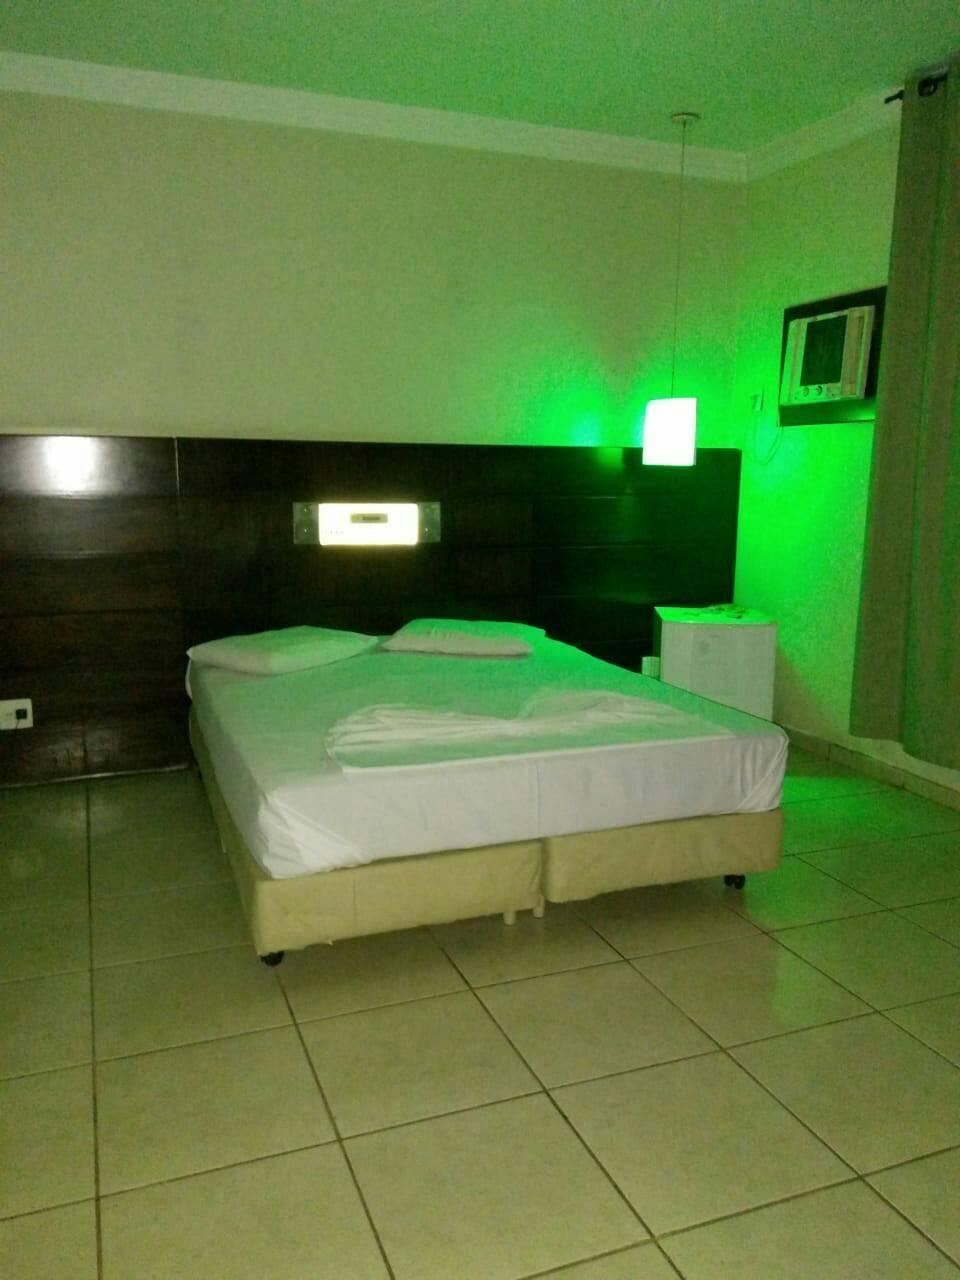 JARDIM DAS SEDUÇÕES 1 - motel em Ribeirão Preto